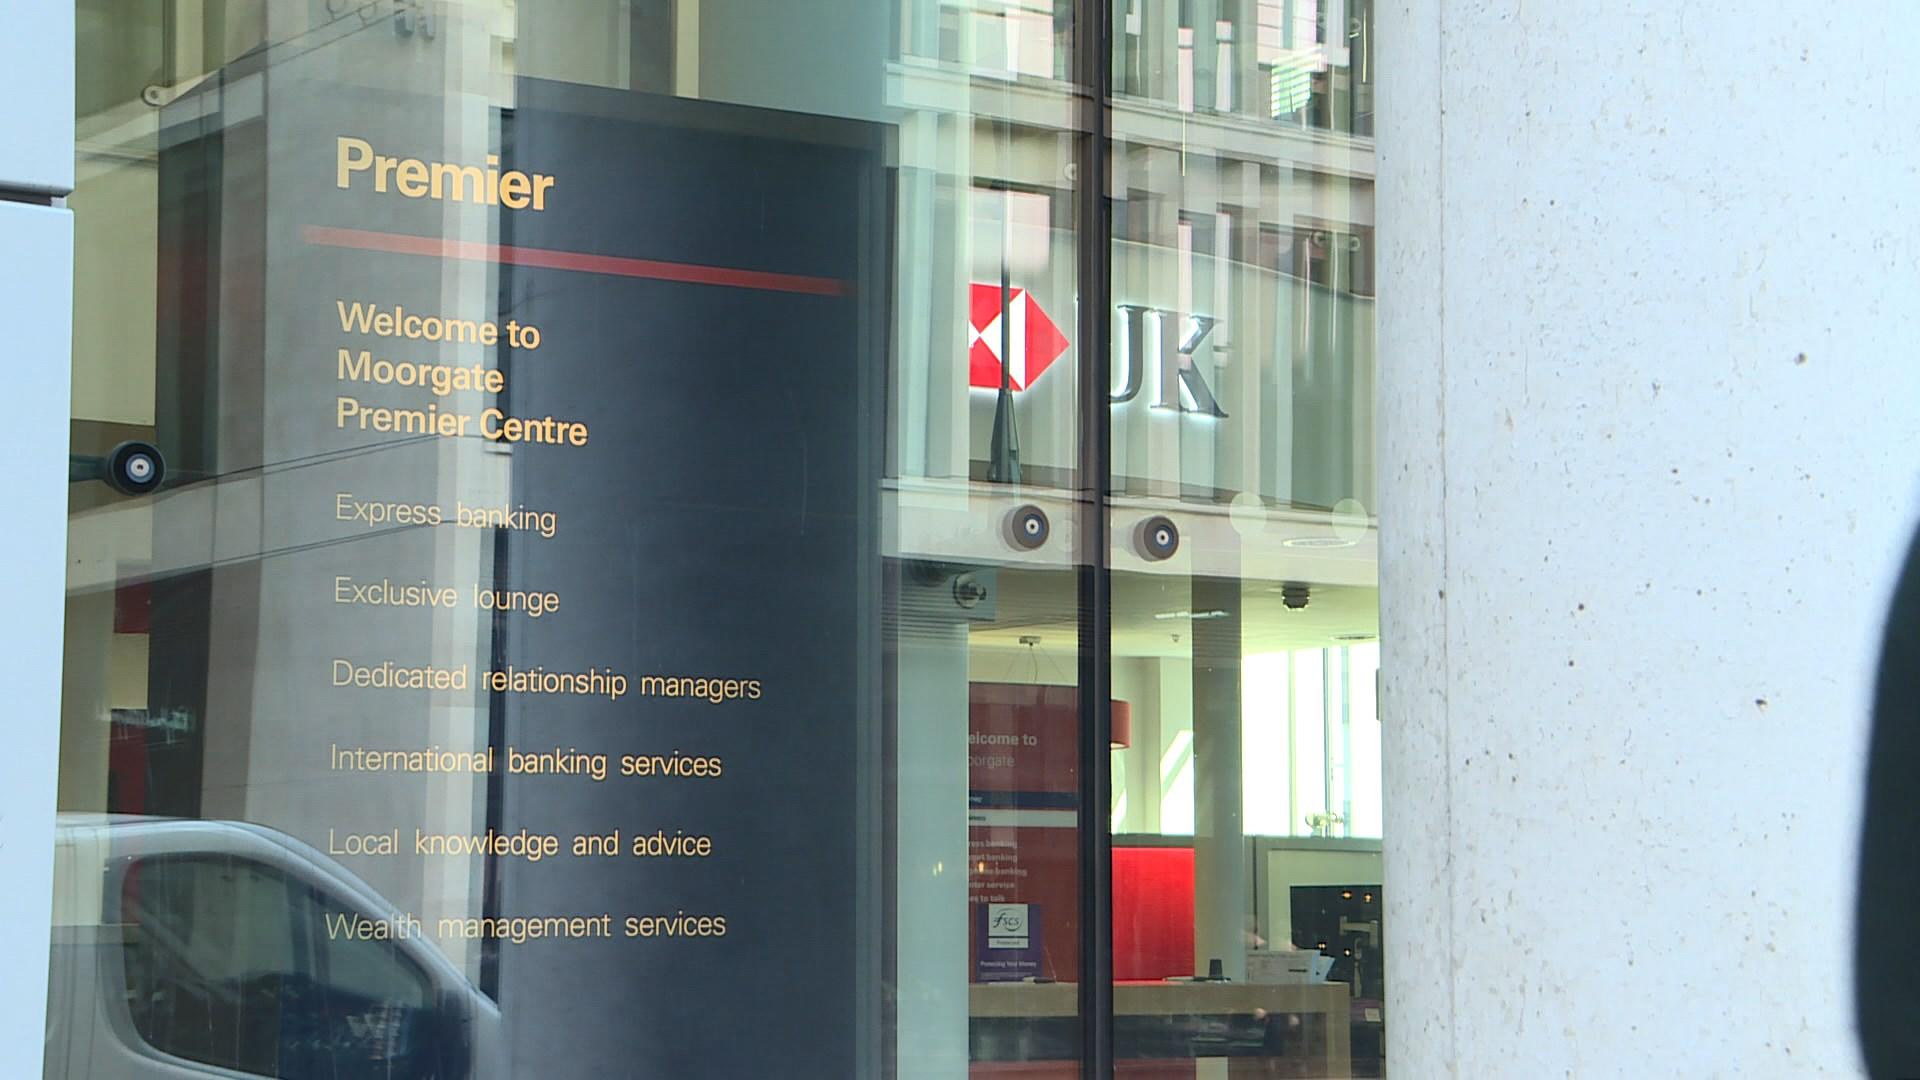 滙豐倫敦總部一員工確診感染新型肺炎